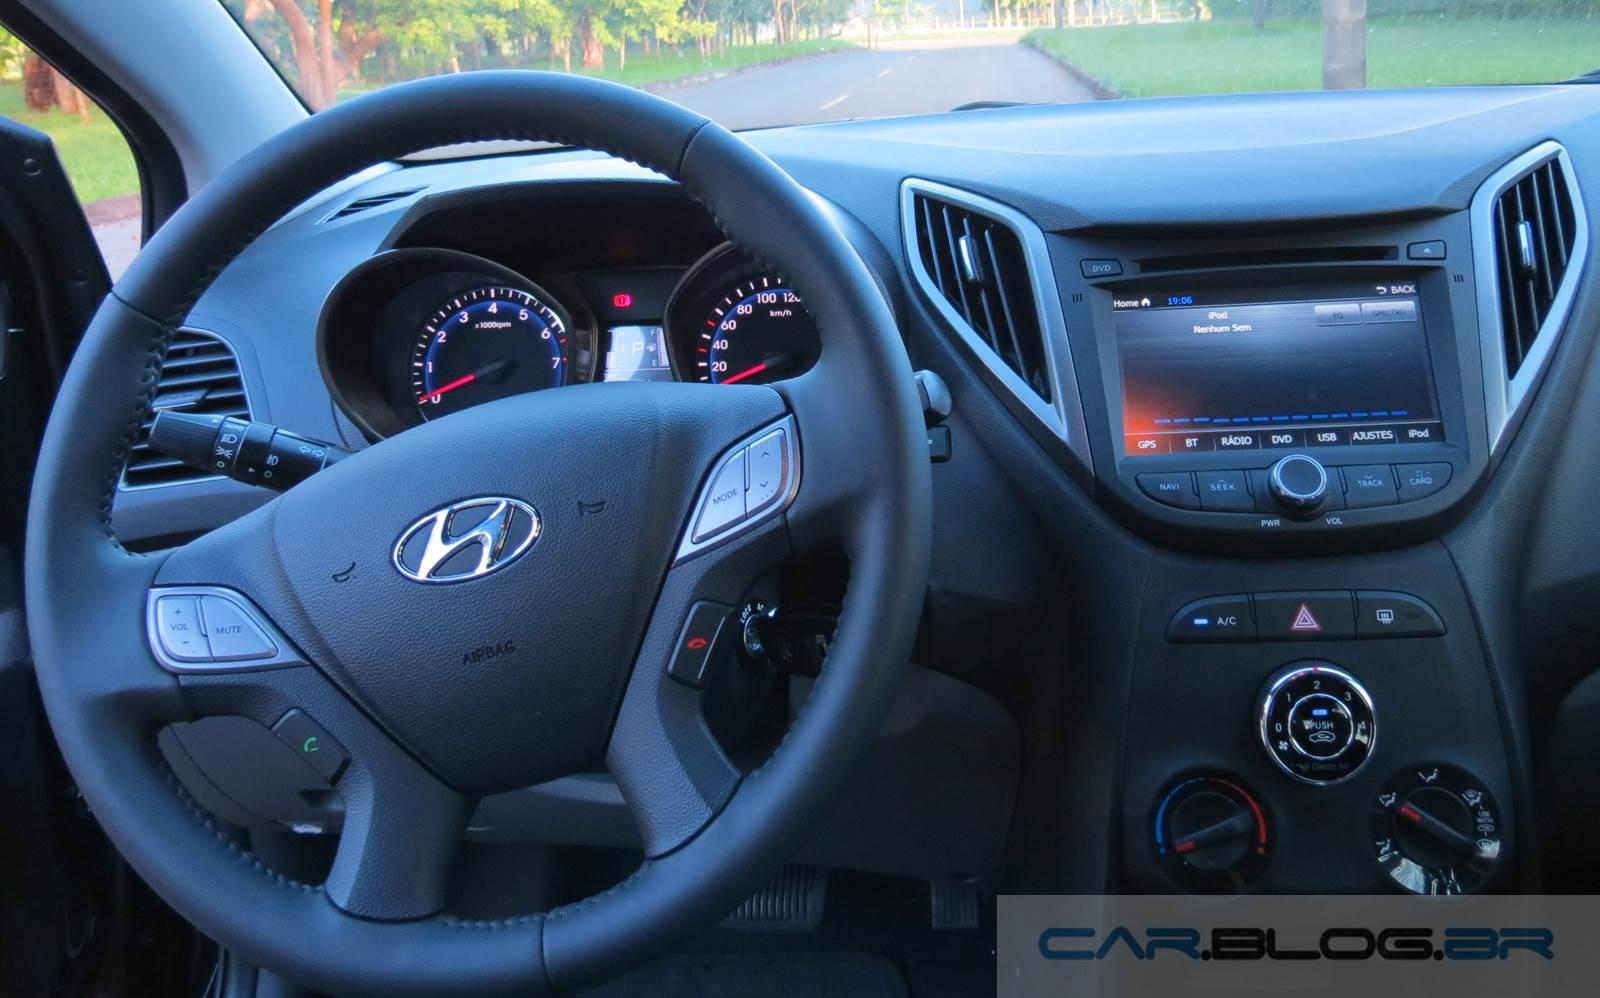 Hyundai HB20 1.6 Automático - interior - painel